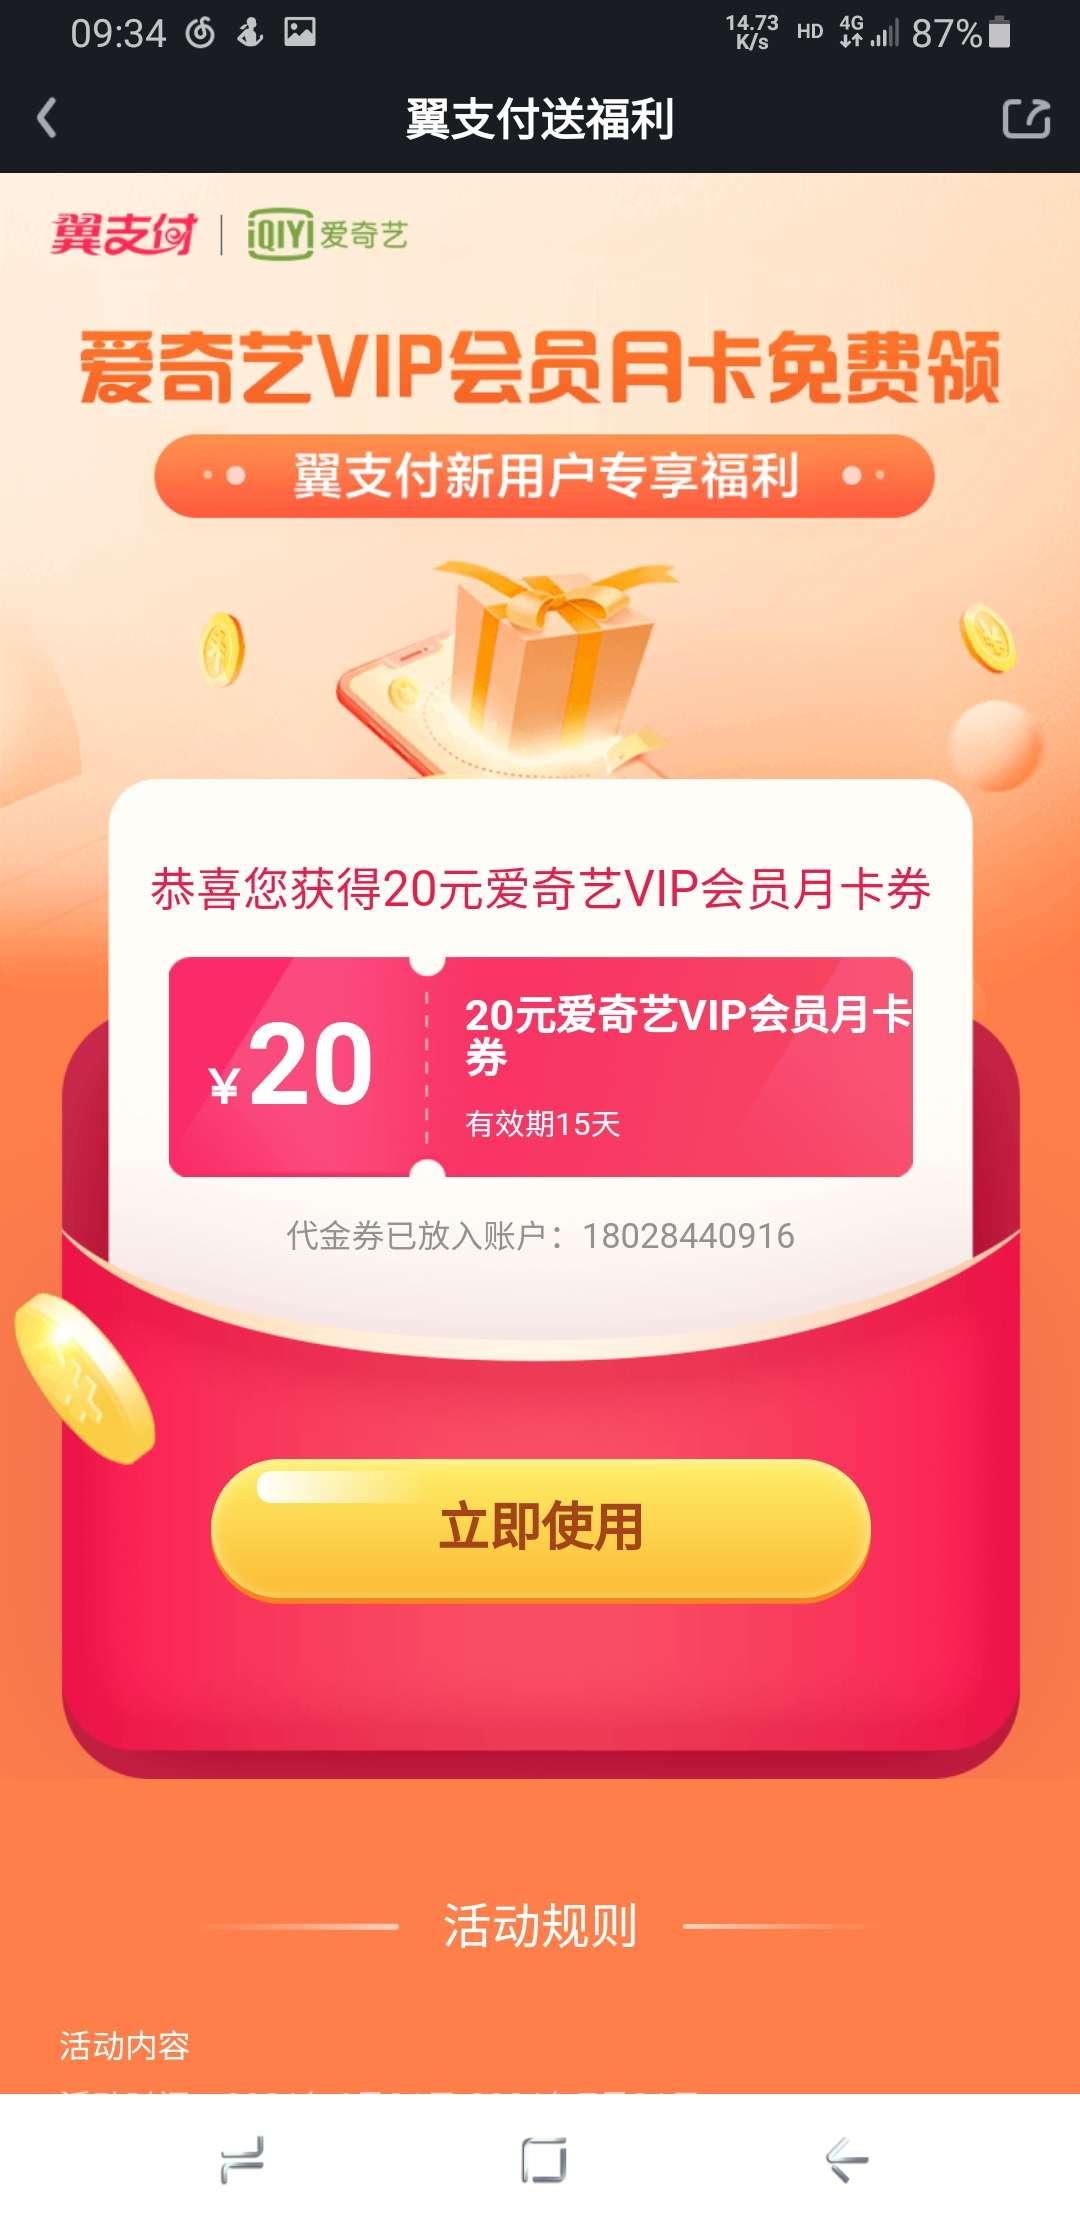 【虚拟物品】免费薅爱奇艺一个月黄金会员